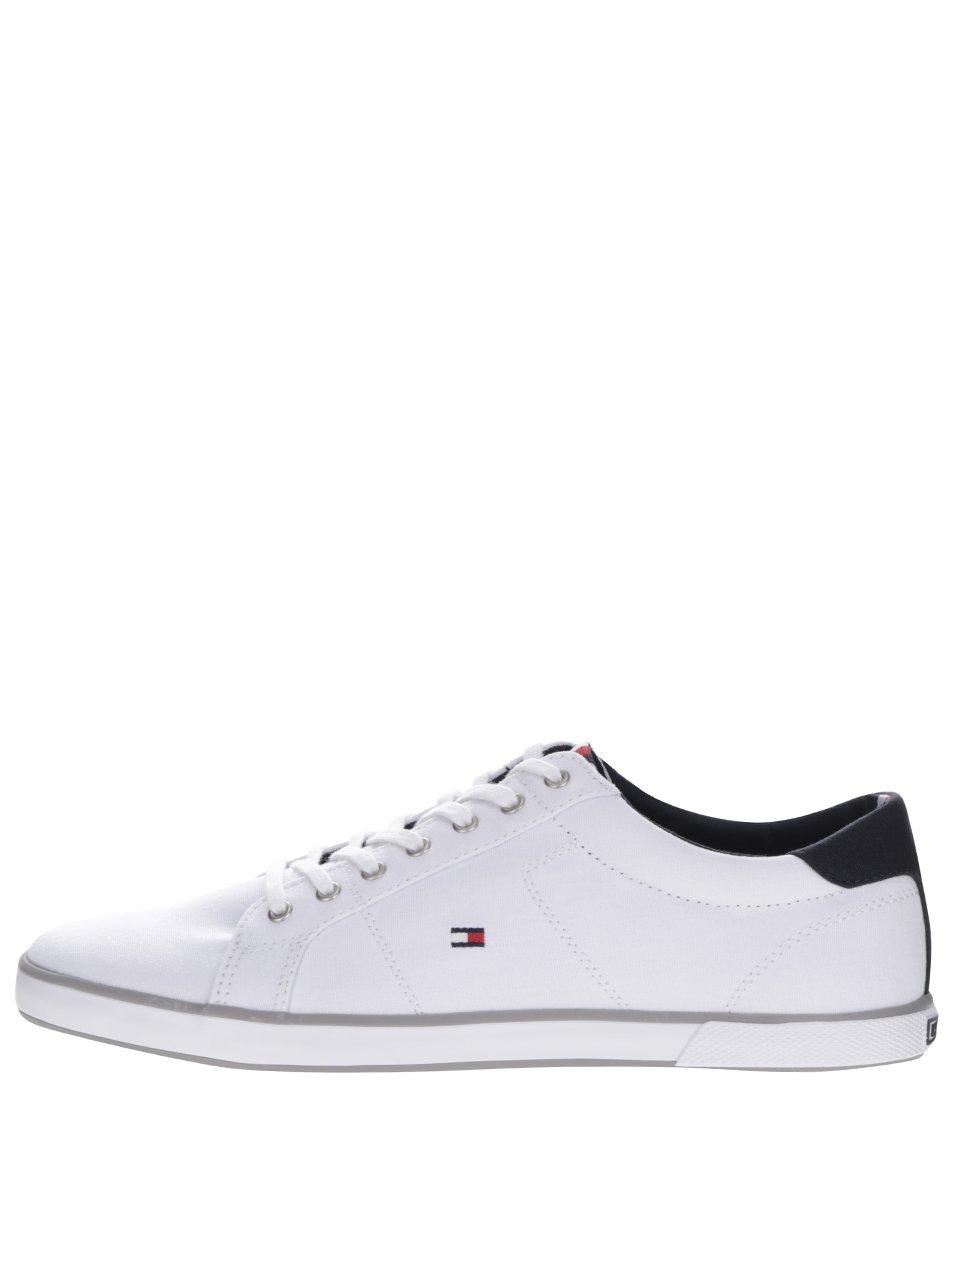 c83e533633 Biele pánske tenisky Tommy Hilfiger